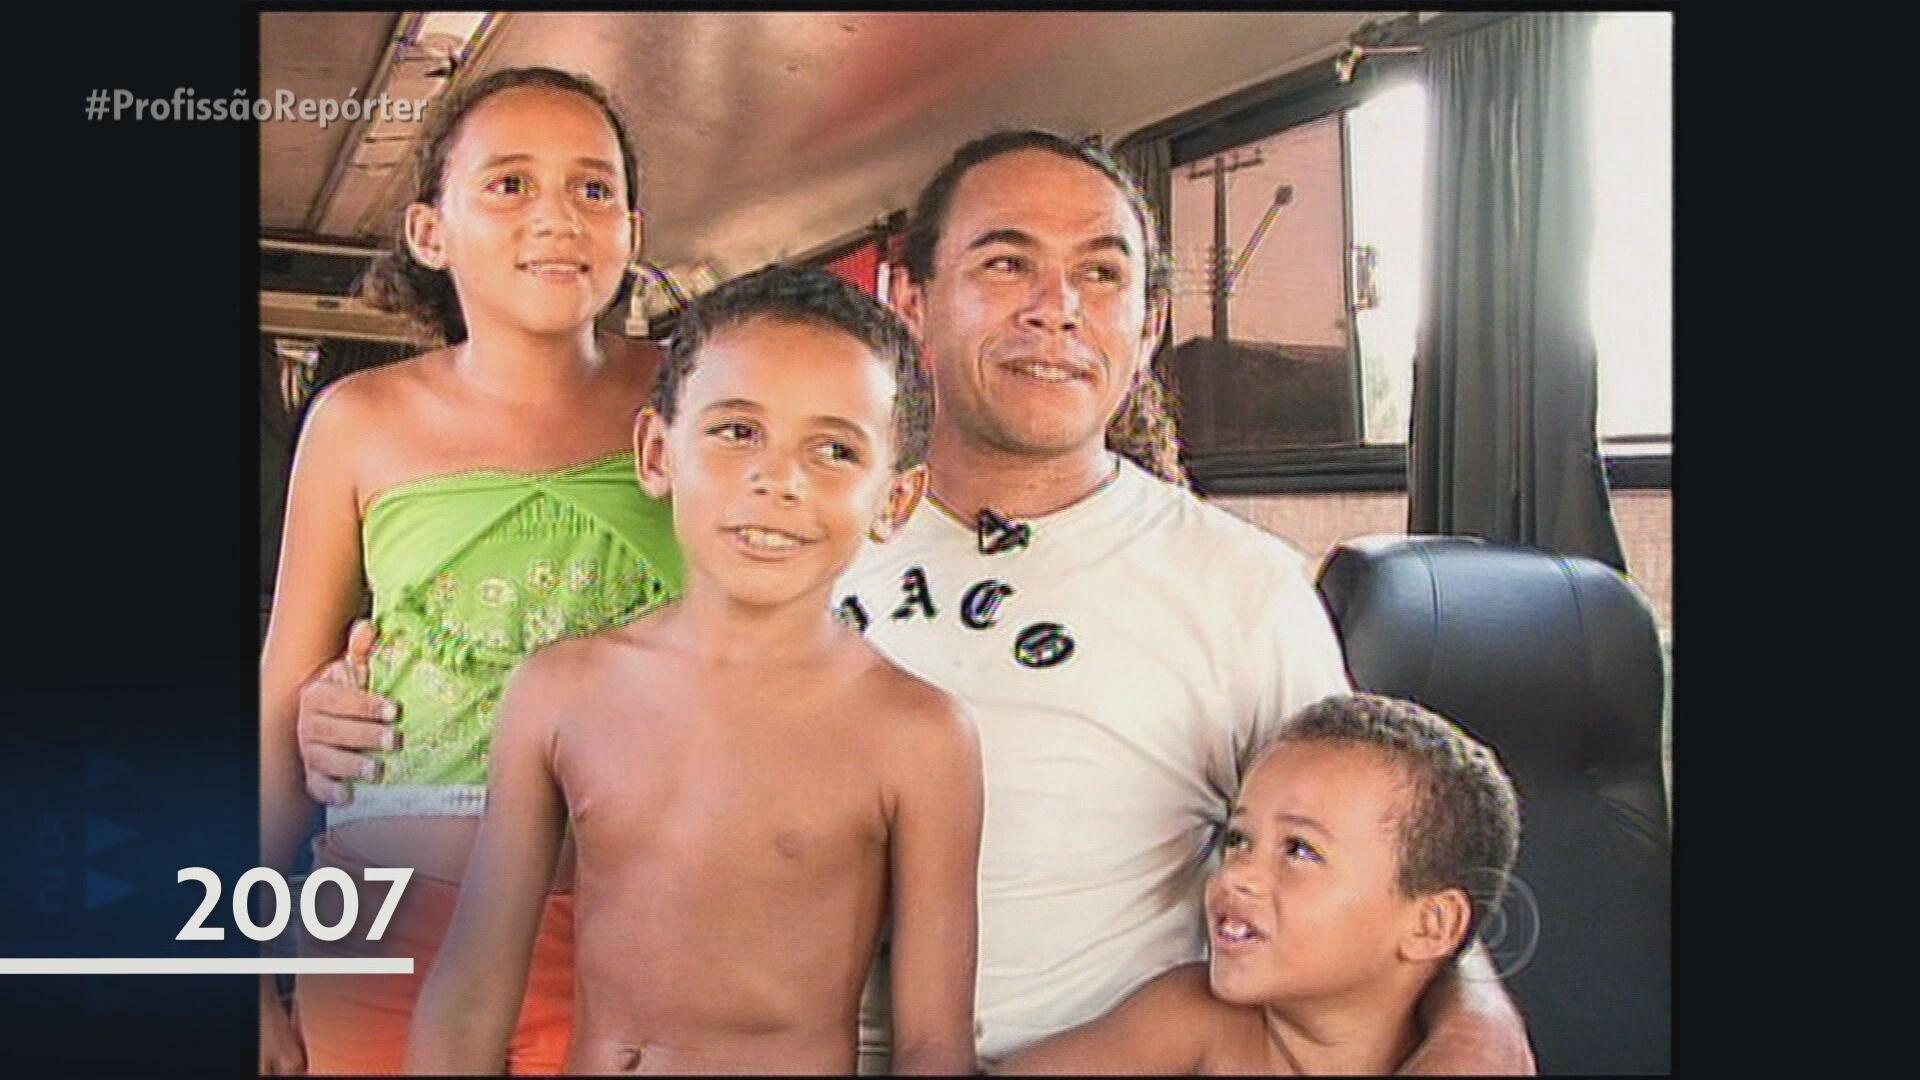 Filhos de Cruz Gago se emocionam ao rever reportagem do pai no Profissão Repórter